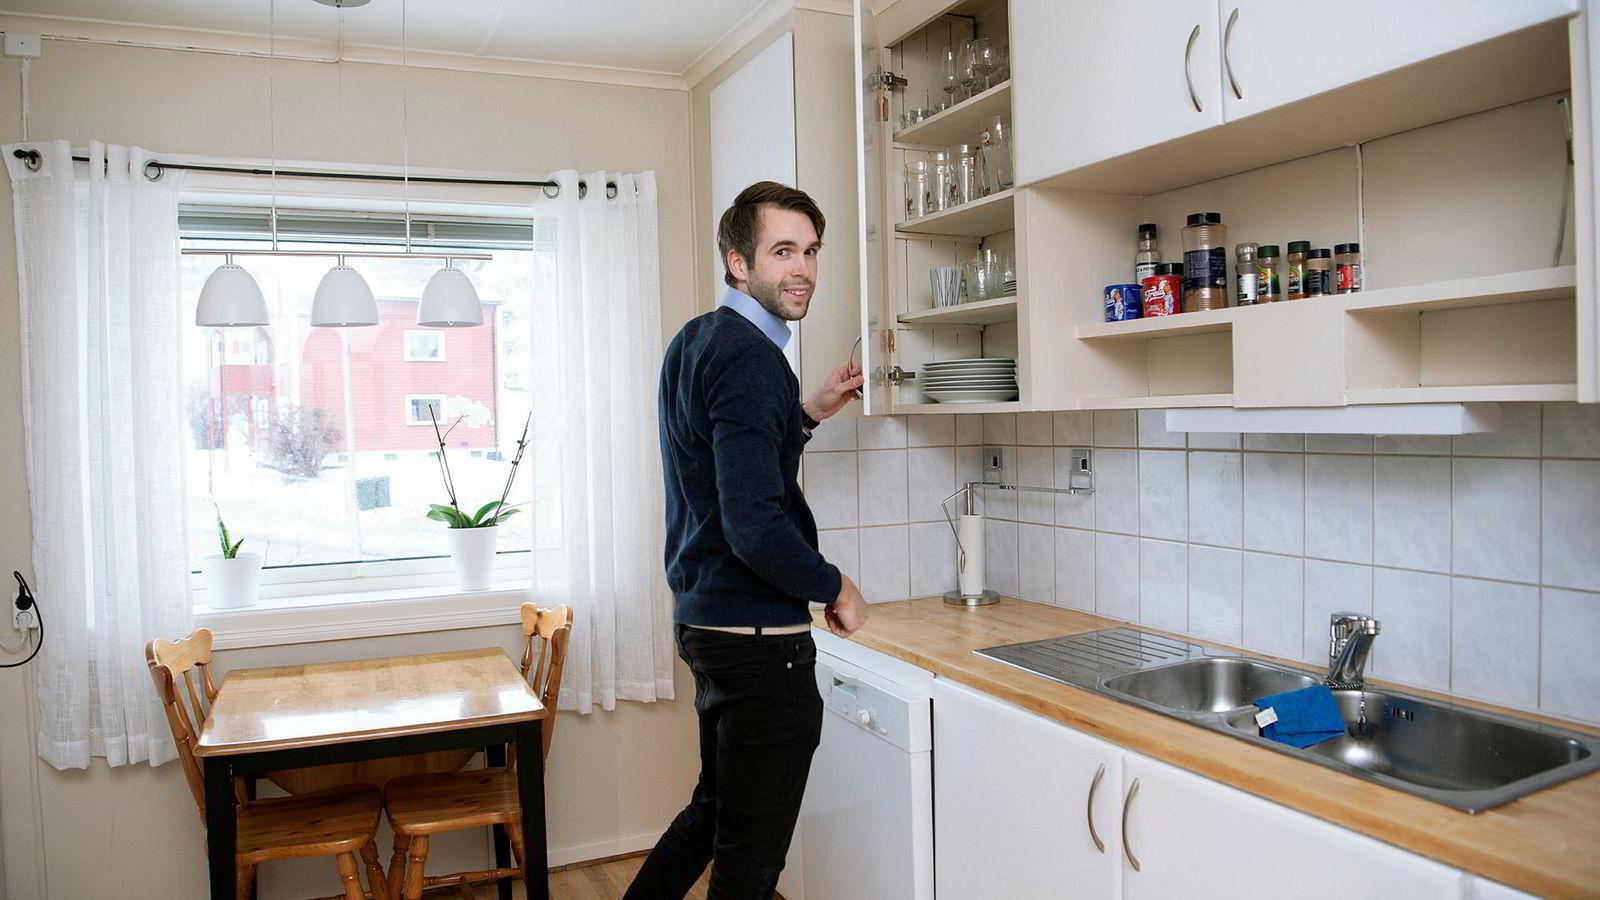 Per Vittersø (27) kjøpte for to år siden sin første leilighet, helt uten hjelp fra foreldrene. Det jobbet han hardt for.